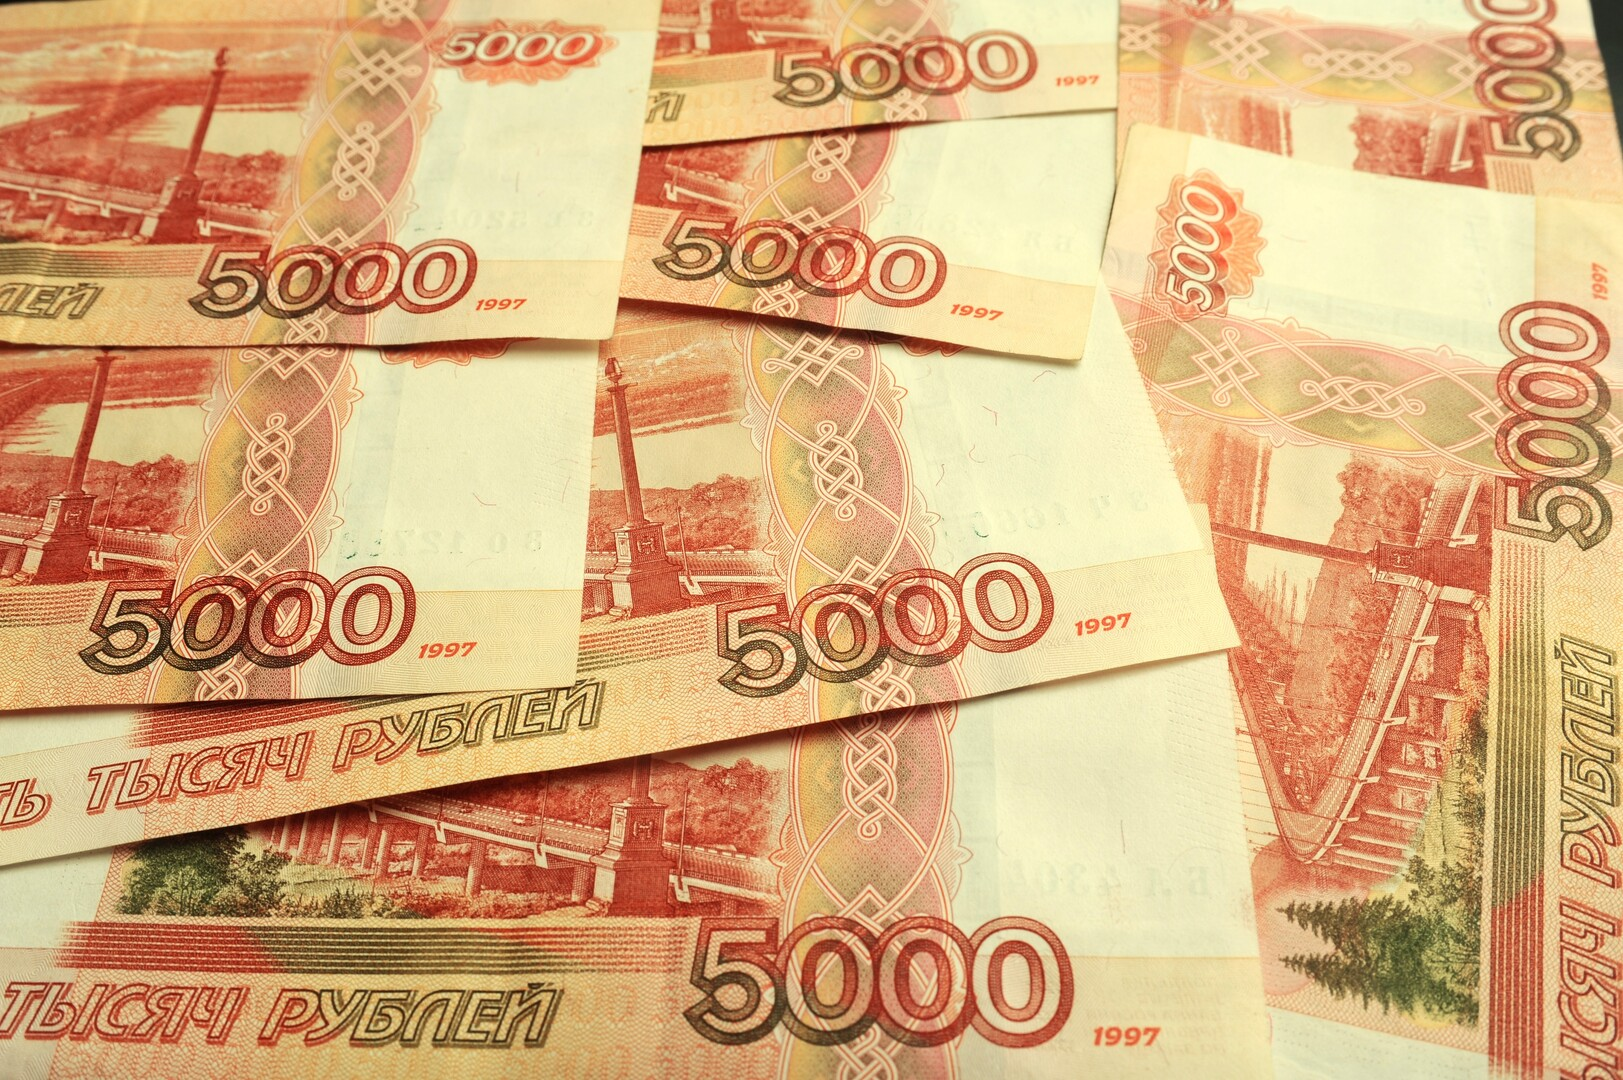 الحكومة الروسية بصدد تنفيذ إصلاحات إدارية